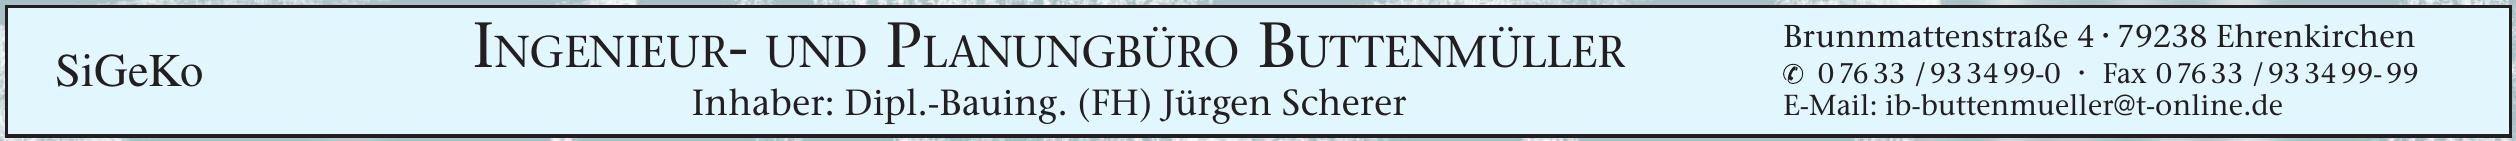 SiGeKo Ingenieur- und Planungsbüro Buttenmüller